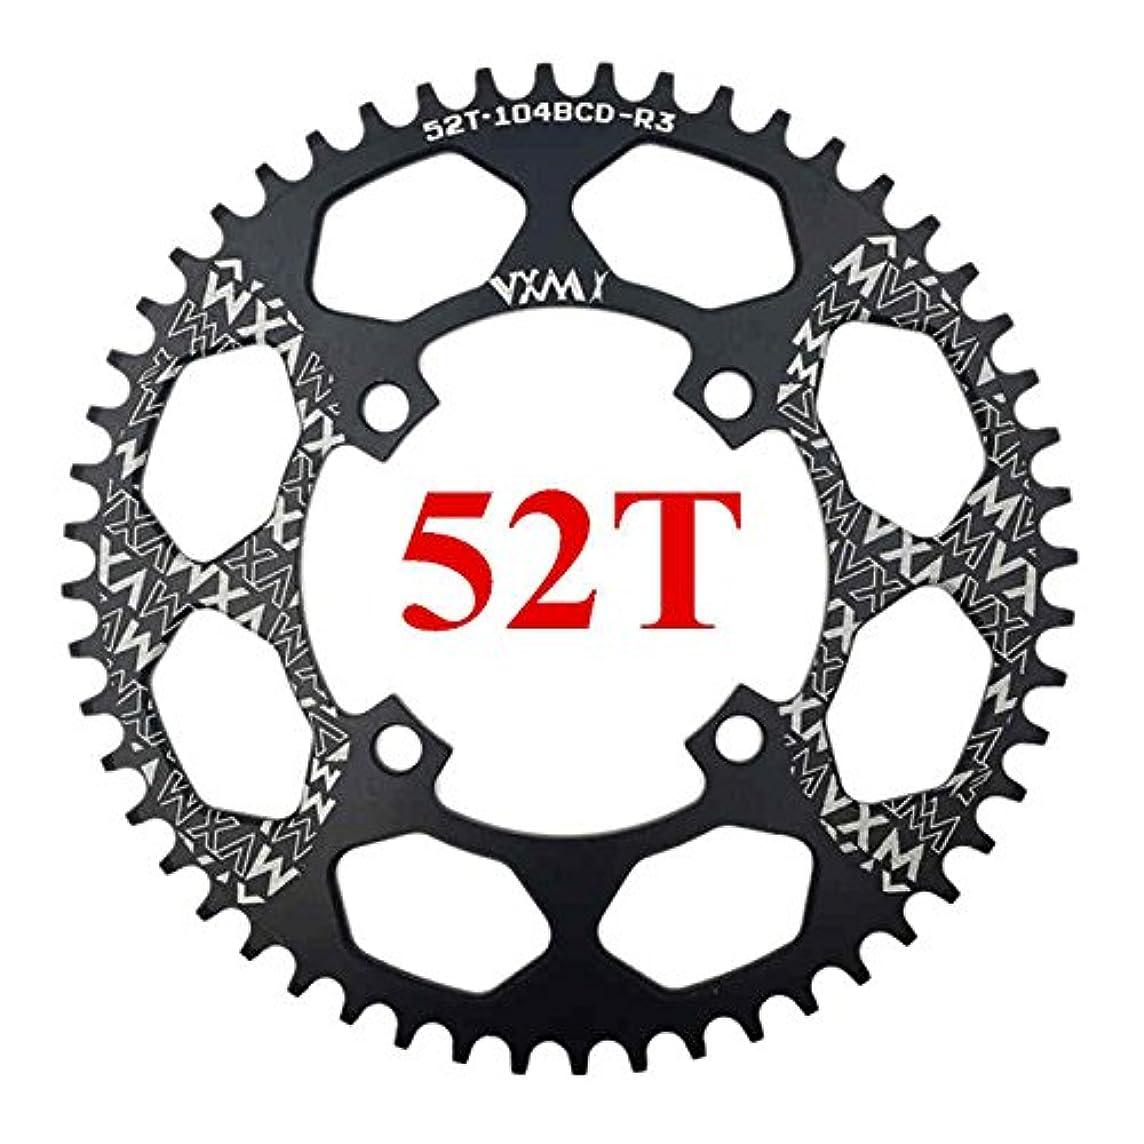 カテゴリードラム感謝しているPropenary - 自転車104BCDクランクオーバルラウンド30T 32T 34T 36T 38T 40T 42T 44T 46T 48T 50T 52TチェーンホイールXT狭い広い自転車チェーンリング[ラウンド52T...